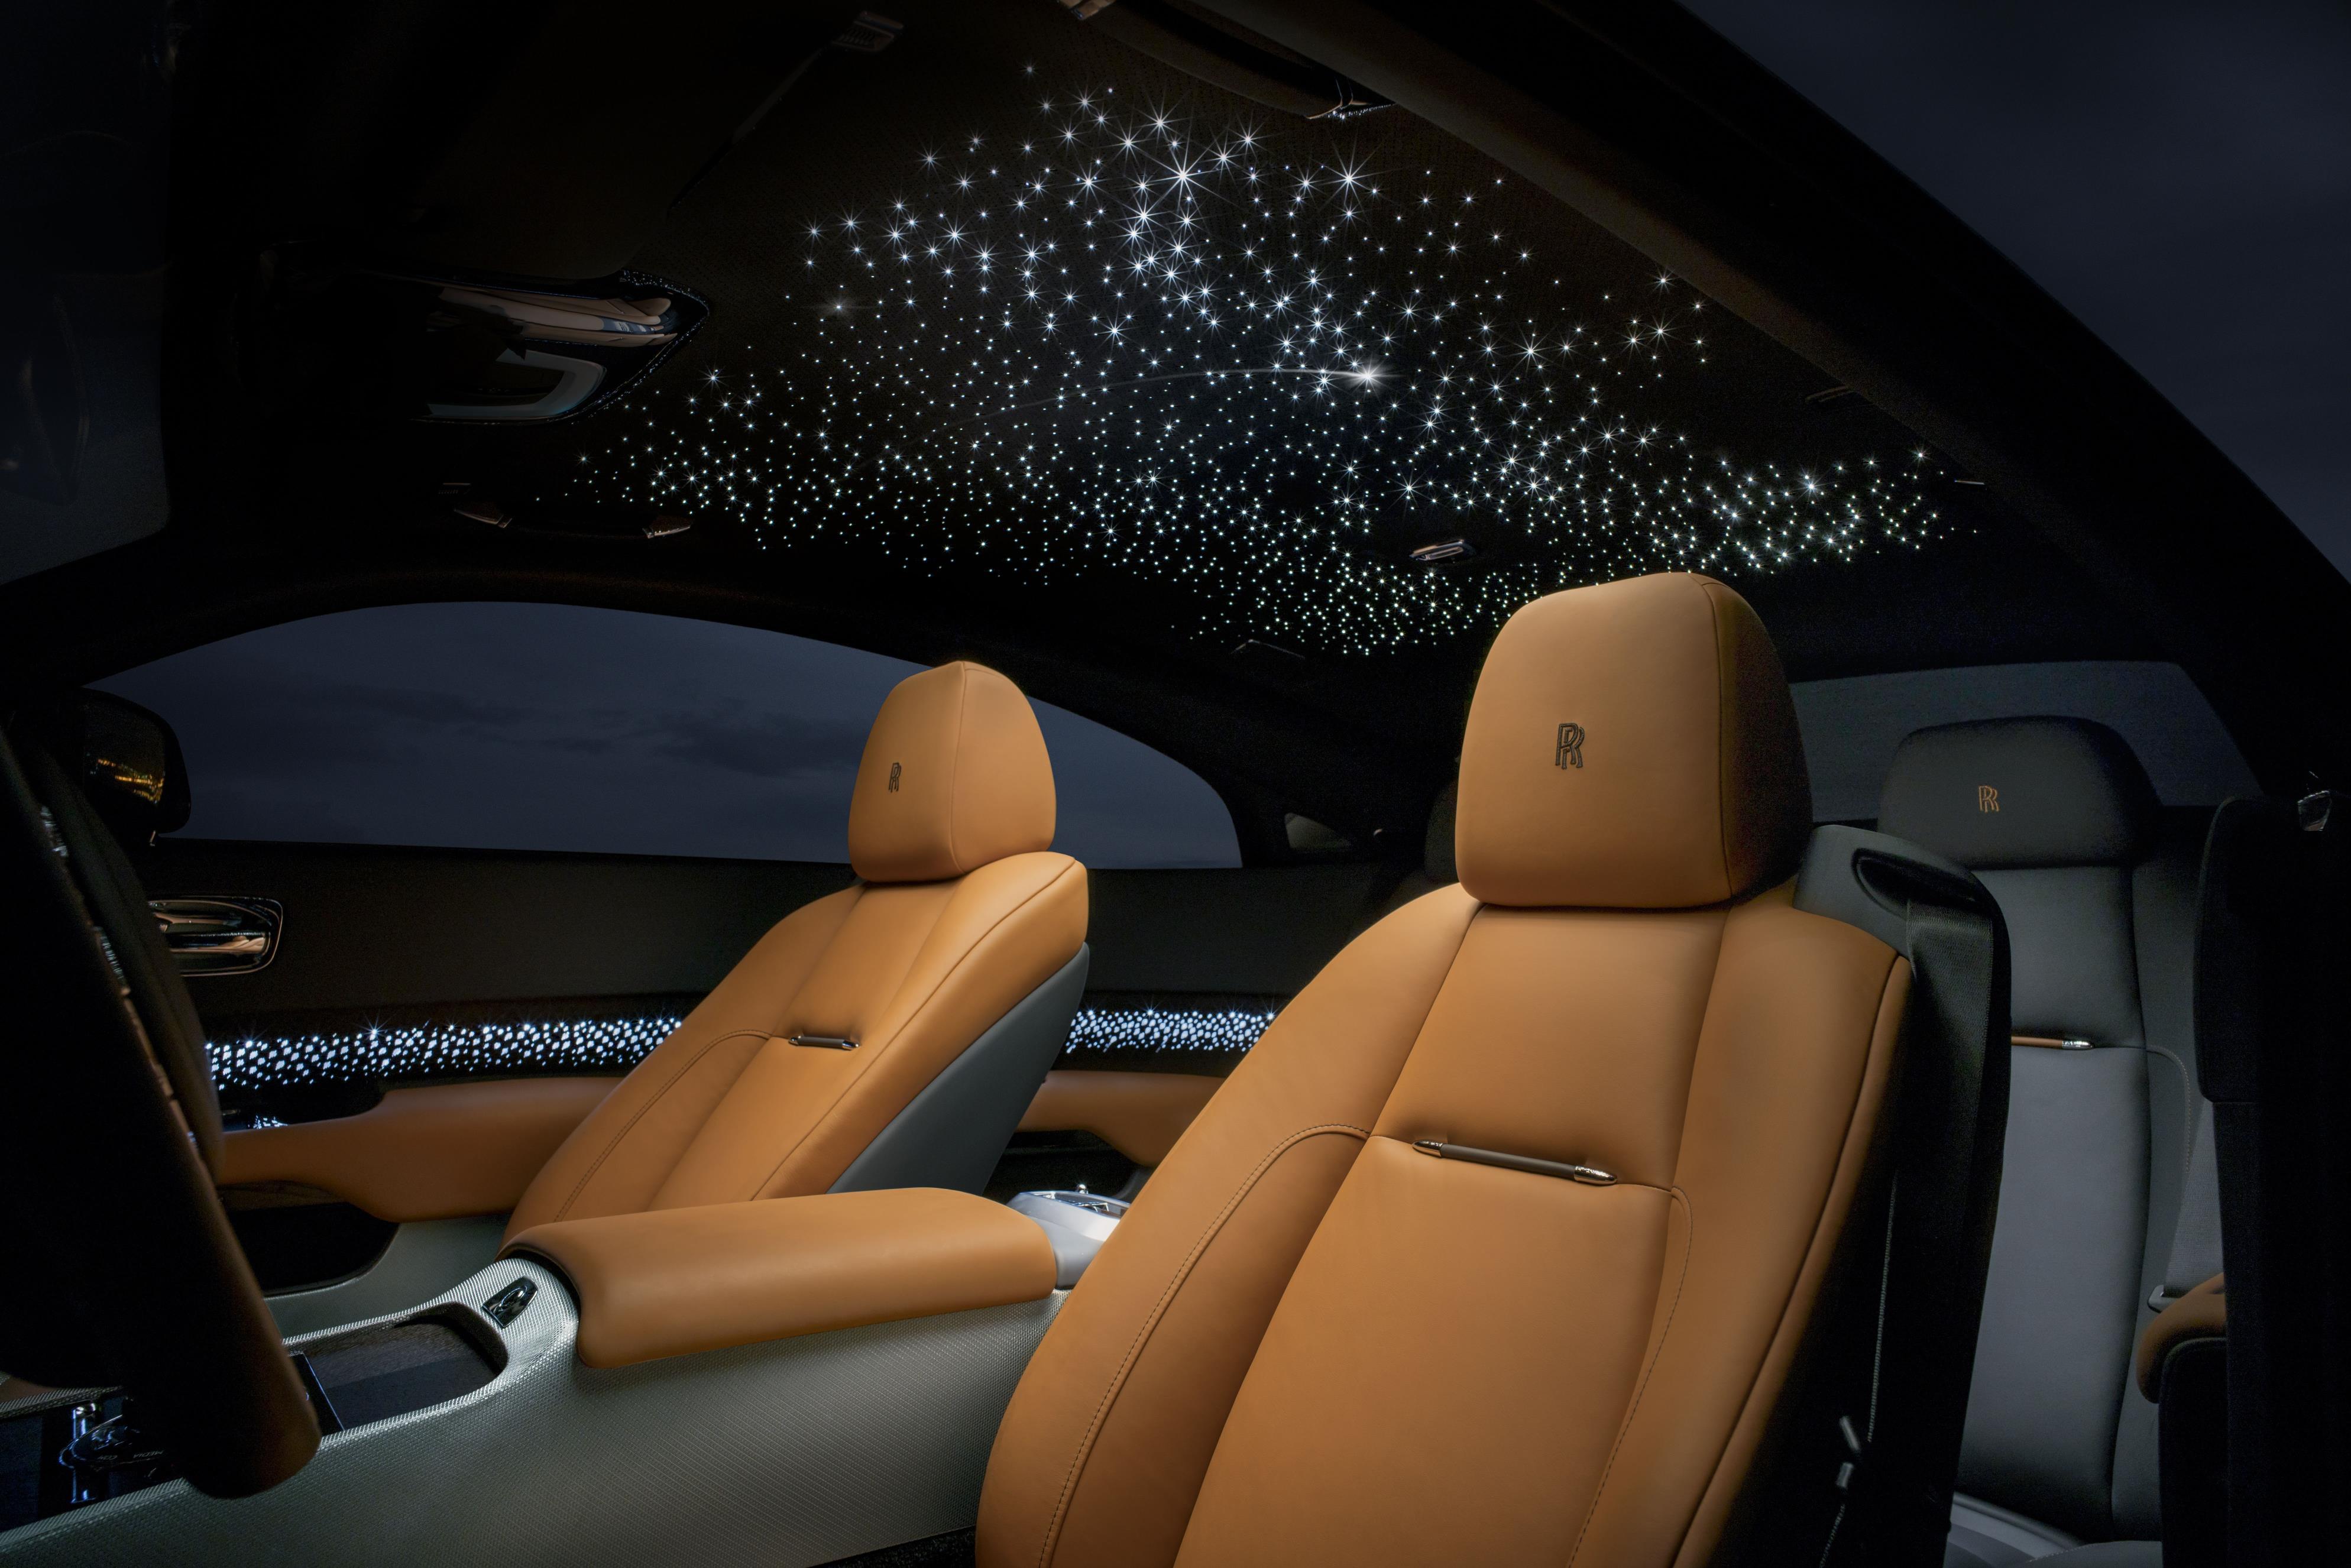 Rolls-Royce Wraith был очень успешным проектом. По иронии судьбы, специальная модель Rolls-Royce, представленная здесь, в значительной степени несущественна. Большинство моделей Rolls-Royce имеют определенный уровень настроек. Каждый автомобиль компа